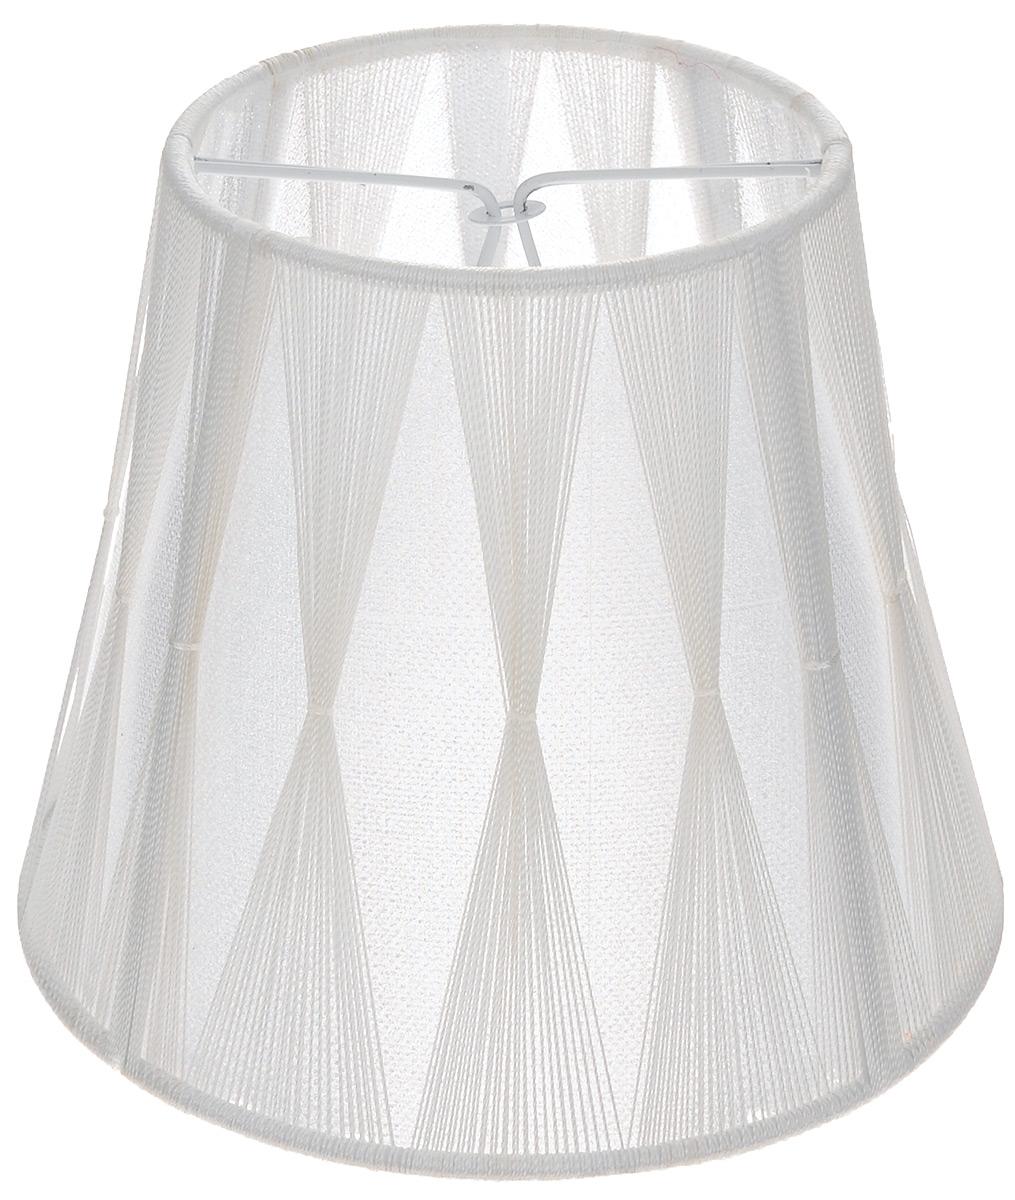 Абажур Vitaluce Креп, цвет: белый, Е14, 14 х 14 х 12 смVL0400Стильный абажур на лампу Vitaluce Креп, выполненный из металла, шелковых нитей и полиэстера, украсит ваш дом и защитит от яркого света лампы. Диаметр абажура (по верхнему краю): 9 см. Диаметр абажура (по нижнему краю): 14 см. Высота абажура: 12 см.